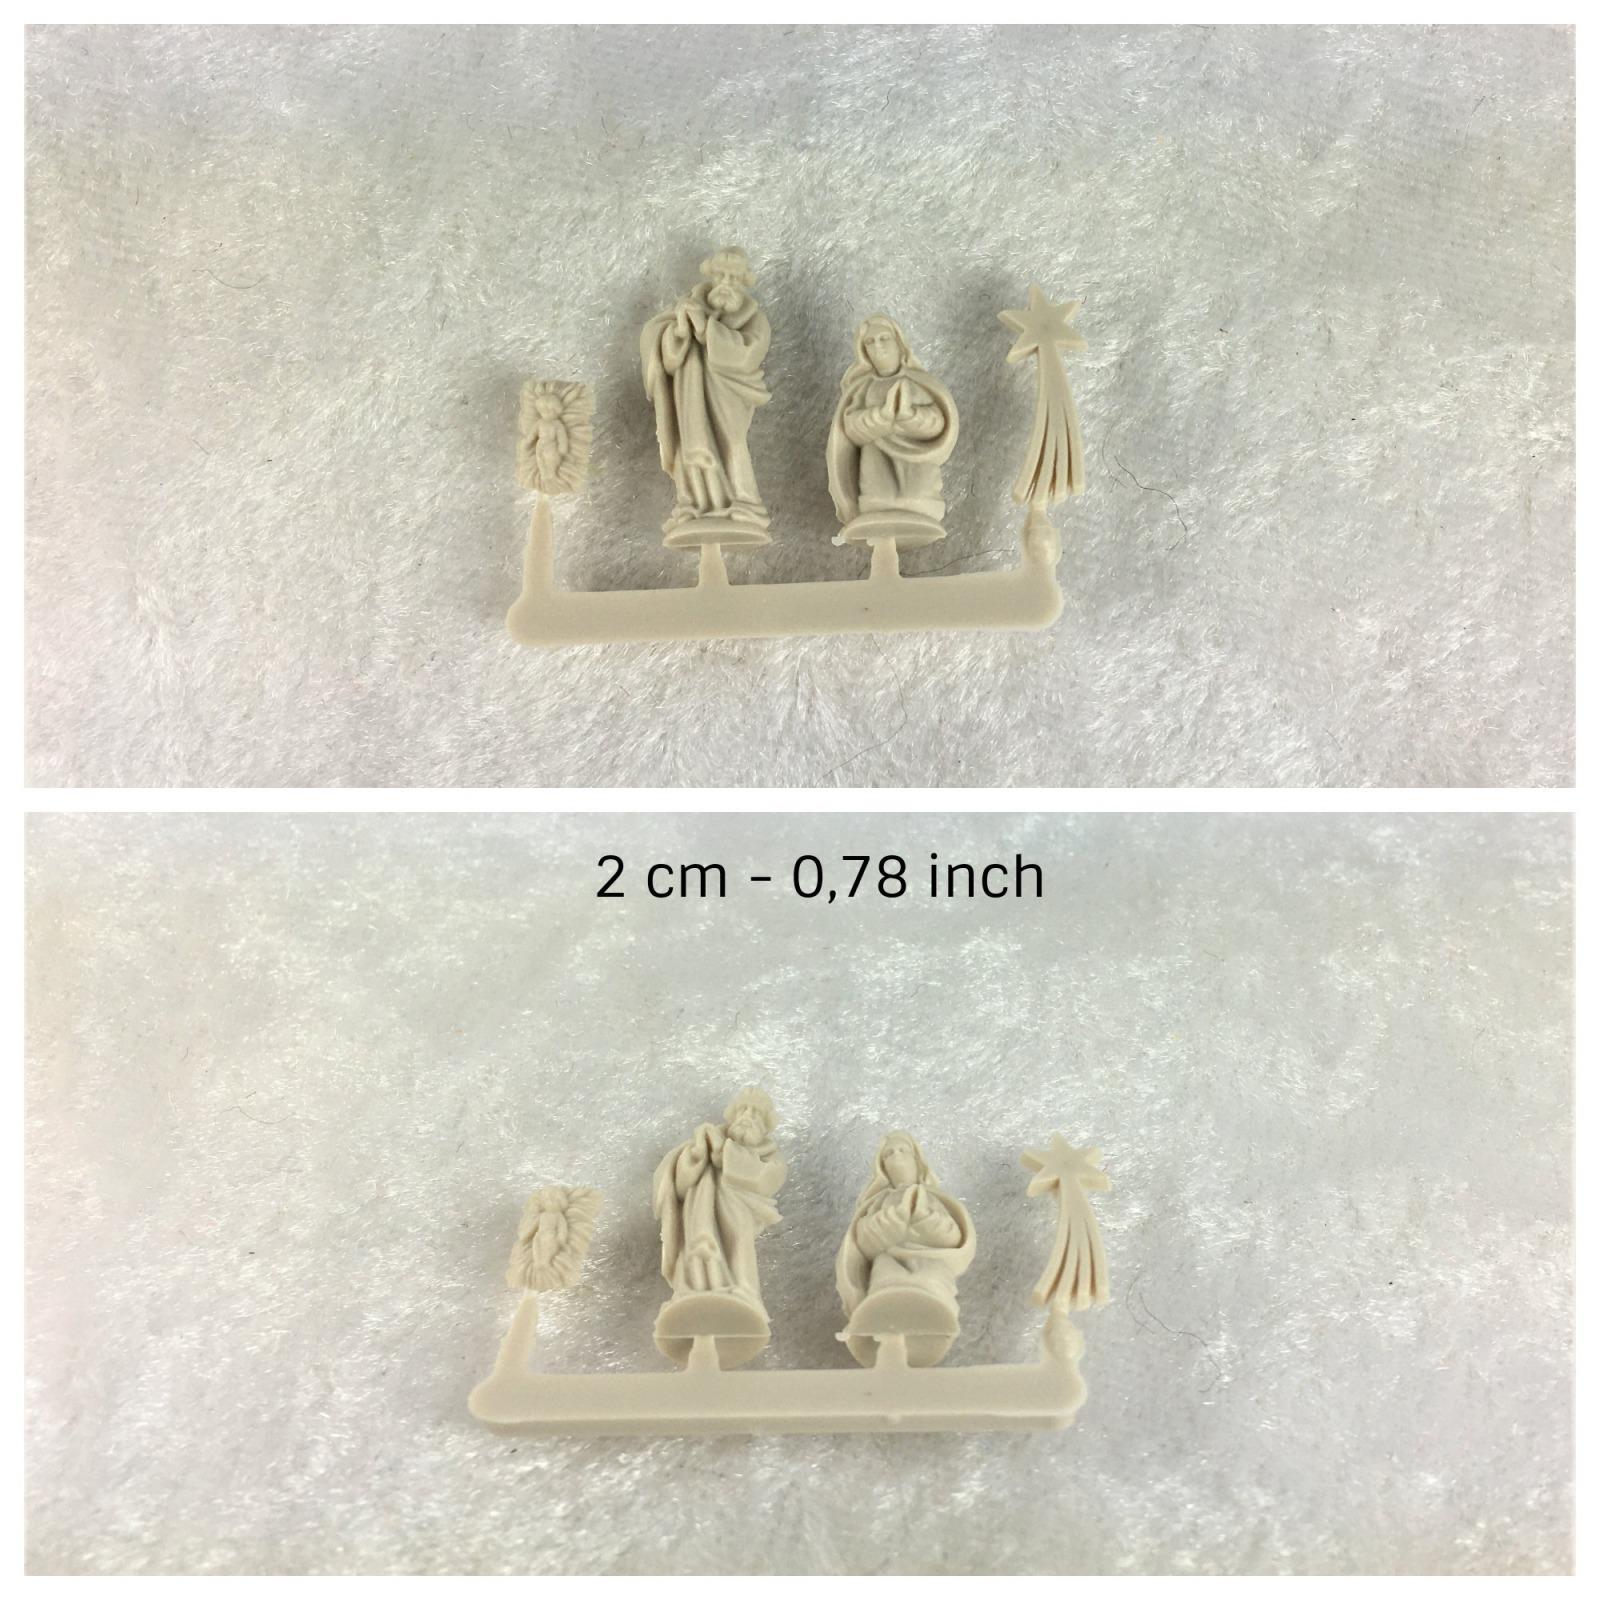 Krippenfiguren Rehe mit Tanne Nussschale Einsatz